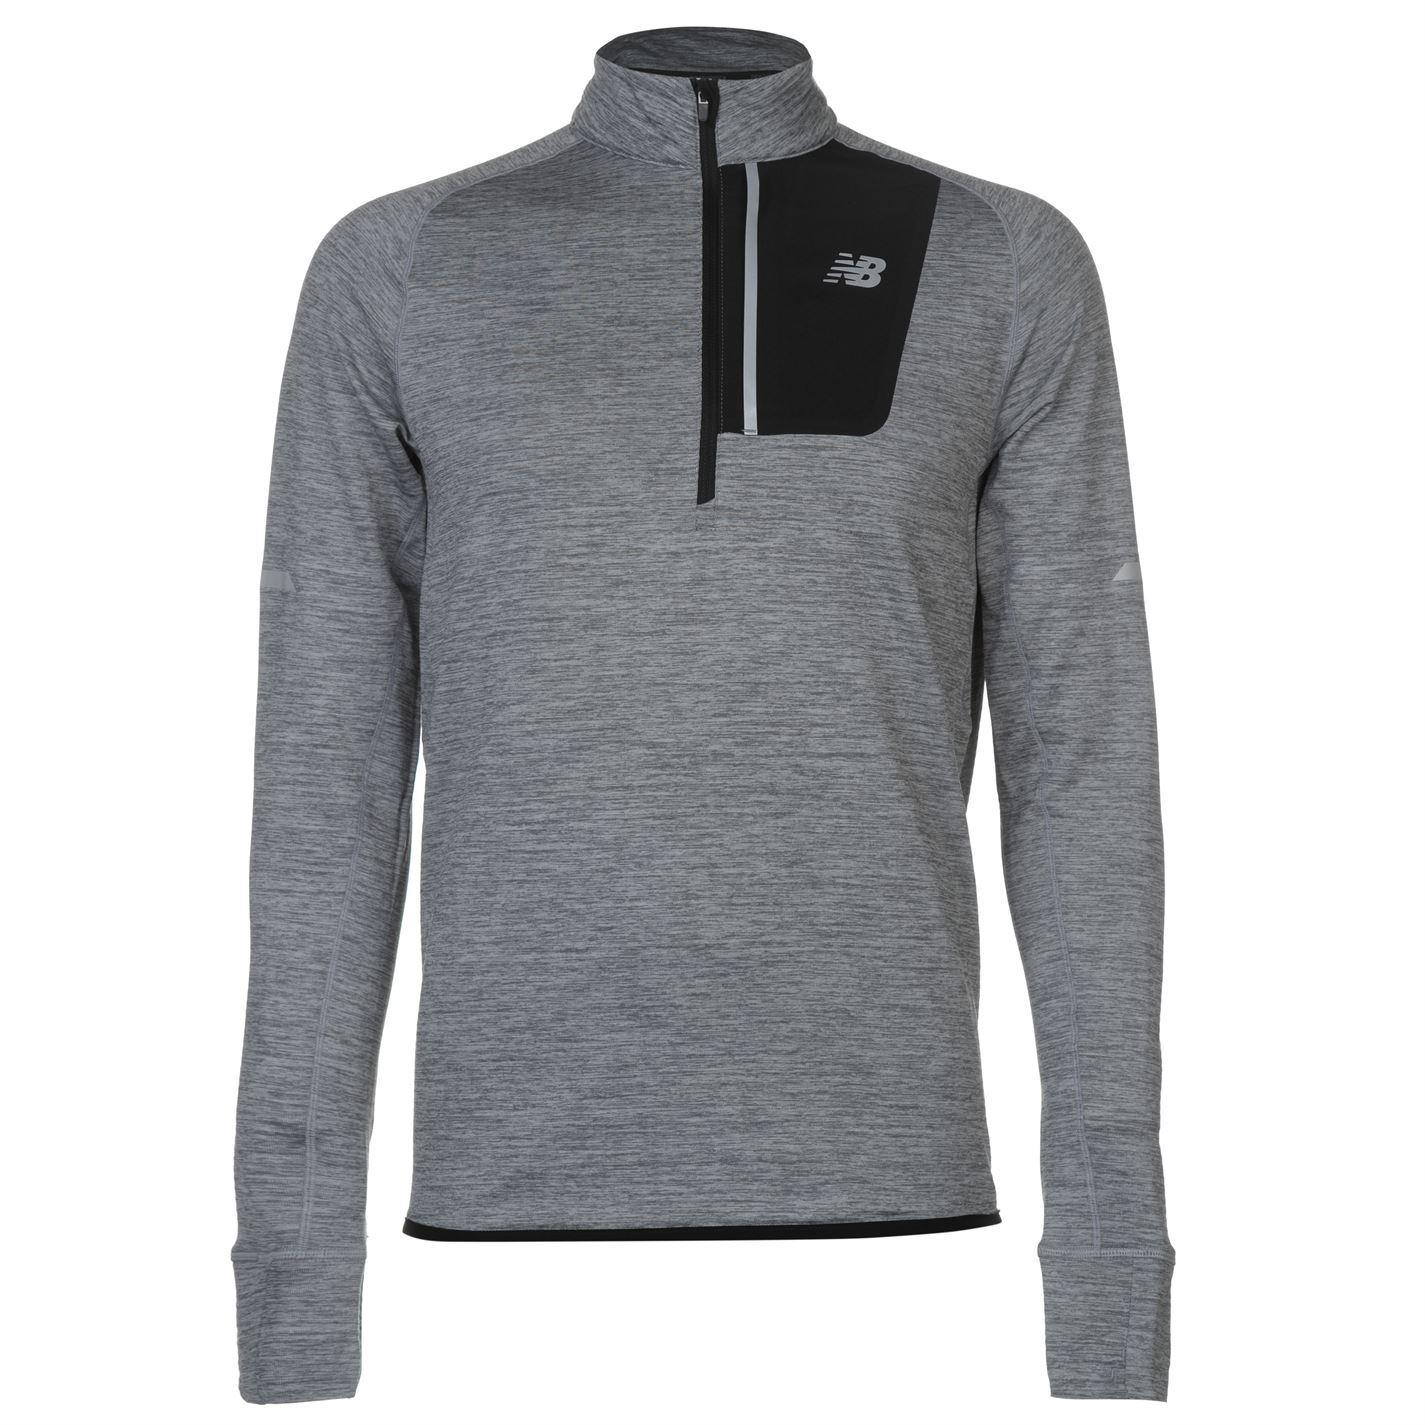 Details about New Balance Mens Heat Half Zip Running Top Long Sleeve  Performance Shirt 789d04502b459